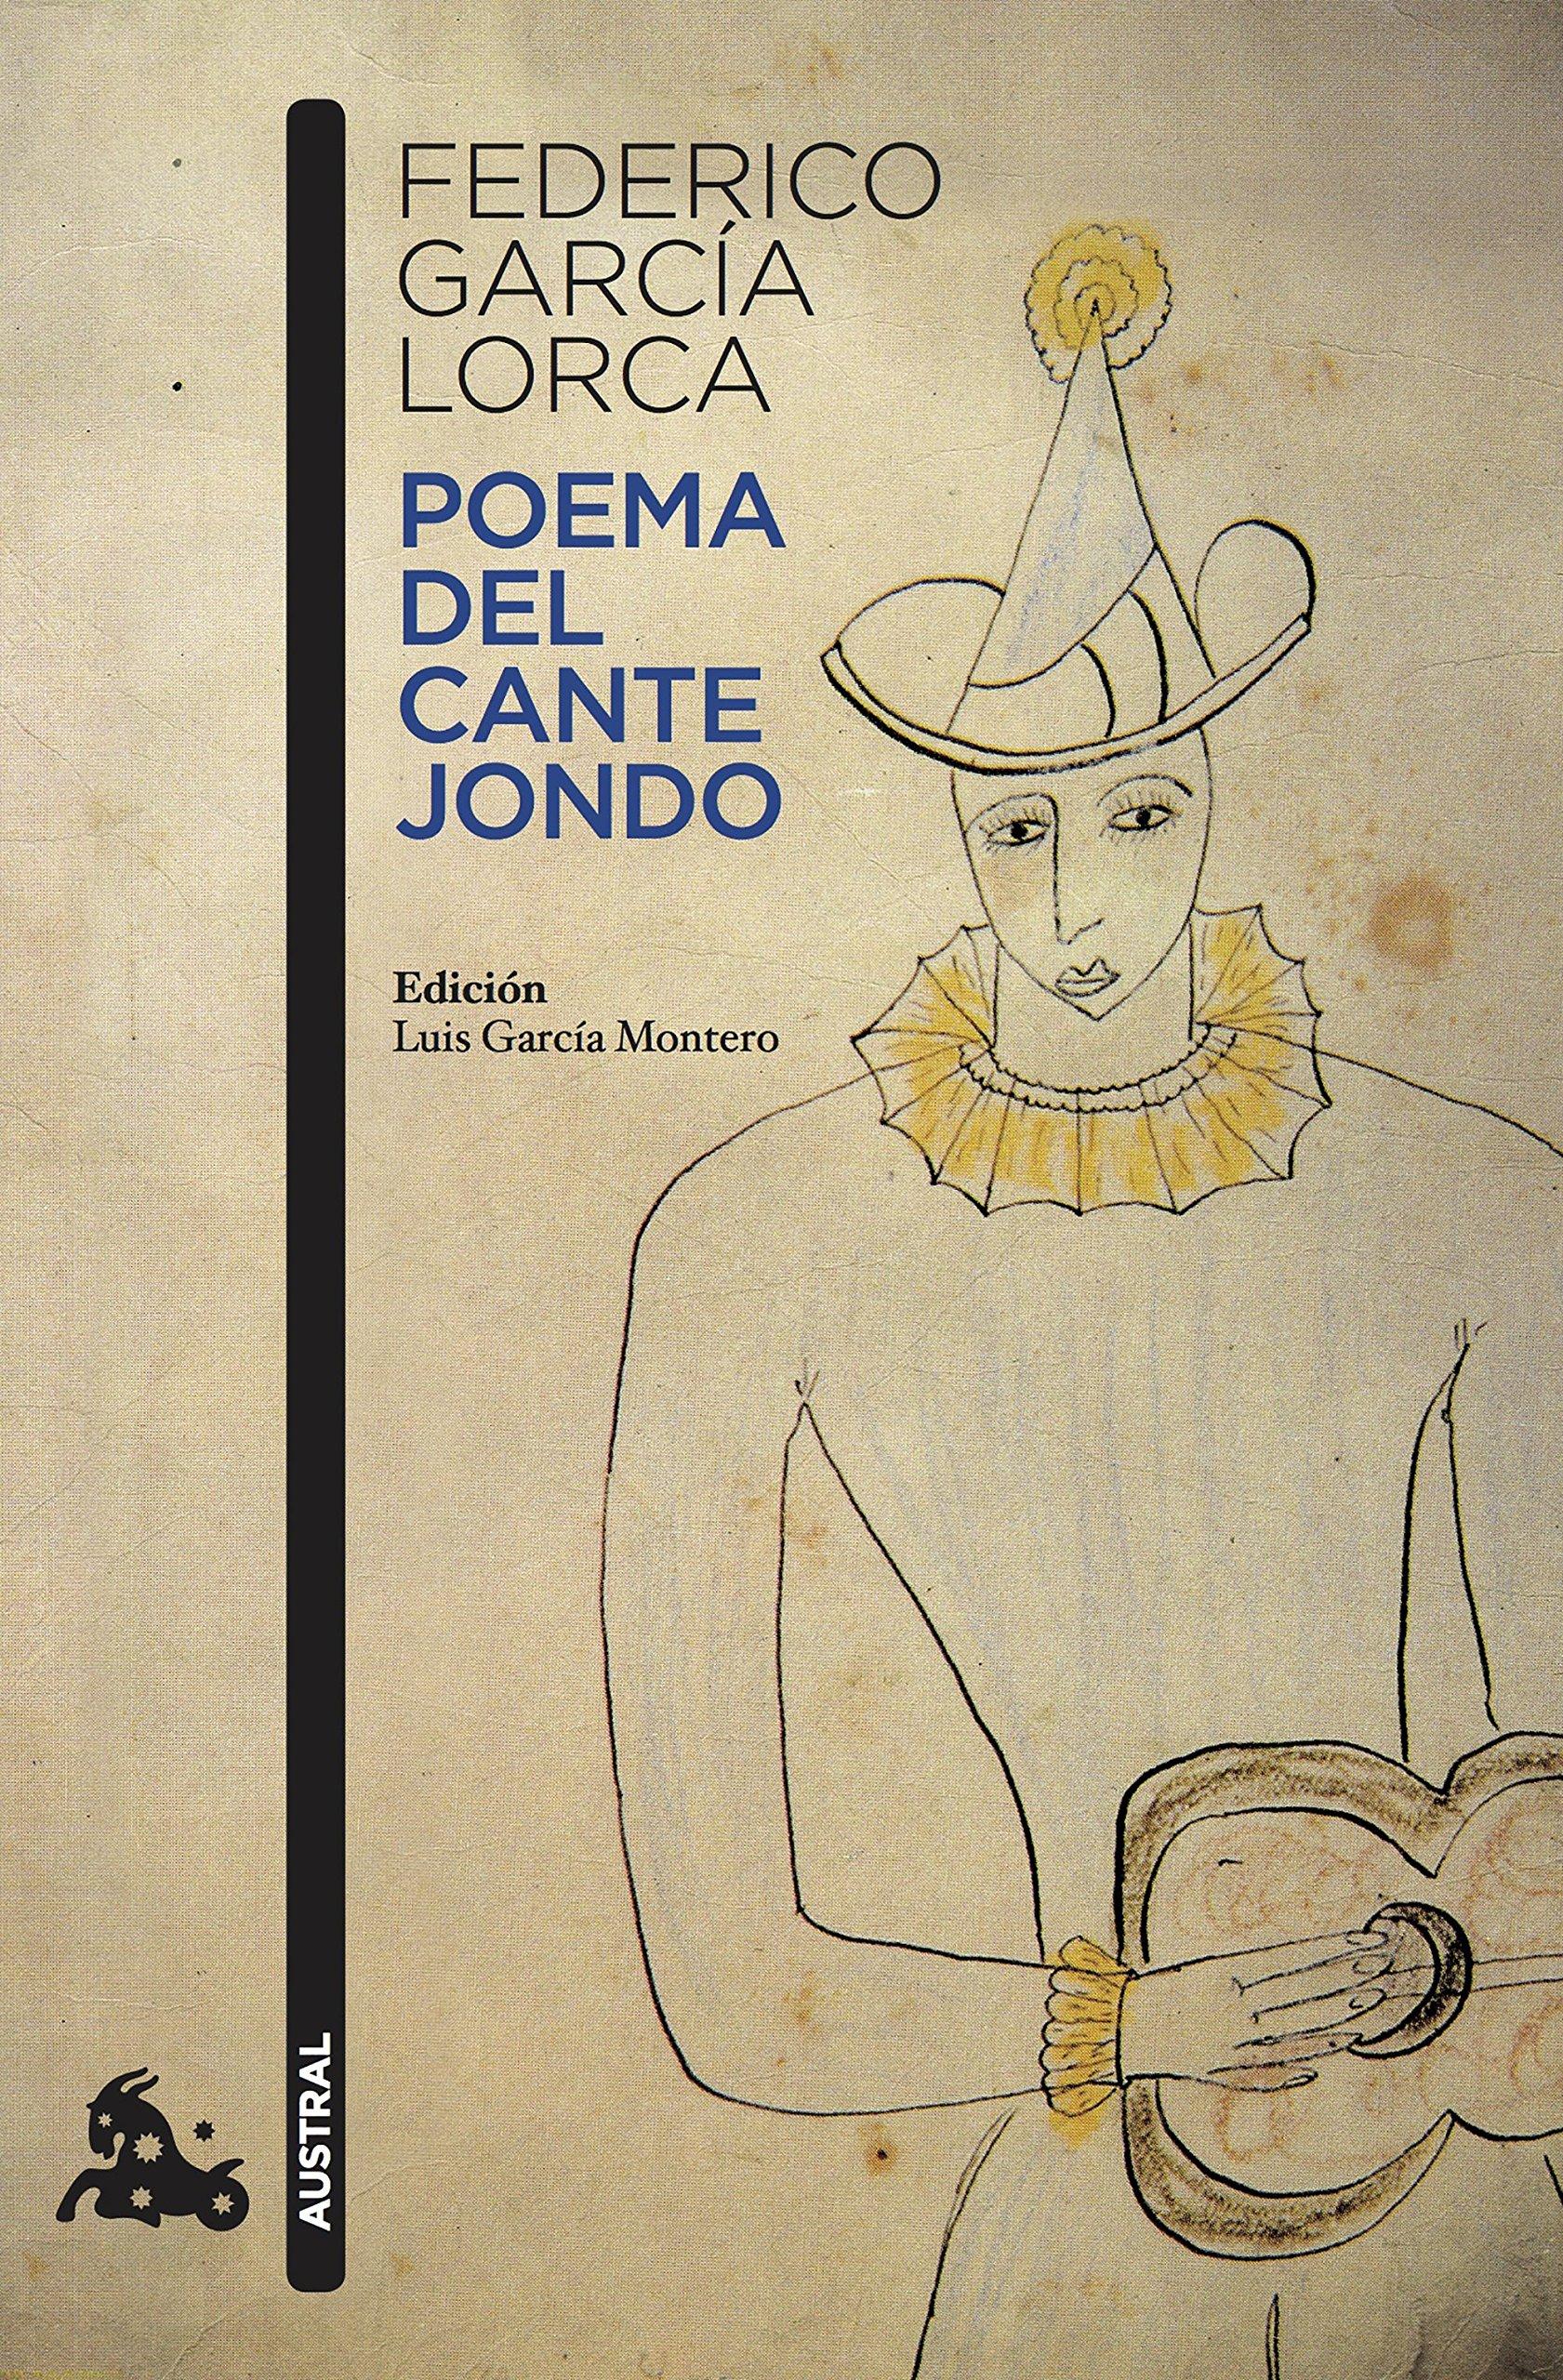 Libros De Federico García Lorca Un Autor Imprescindible